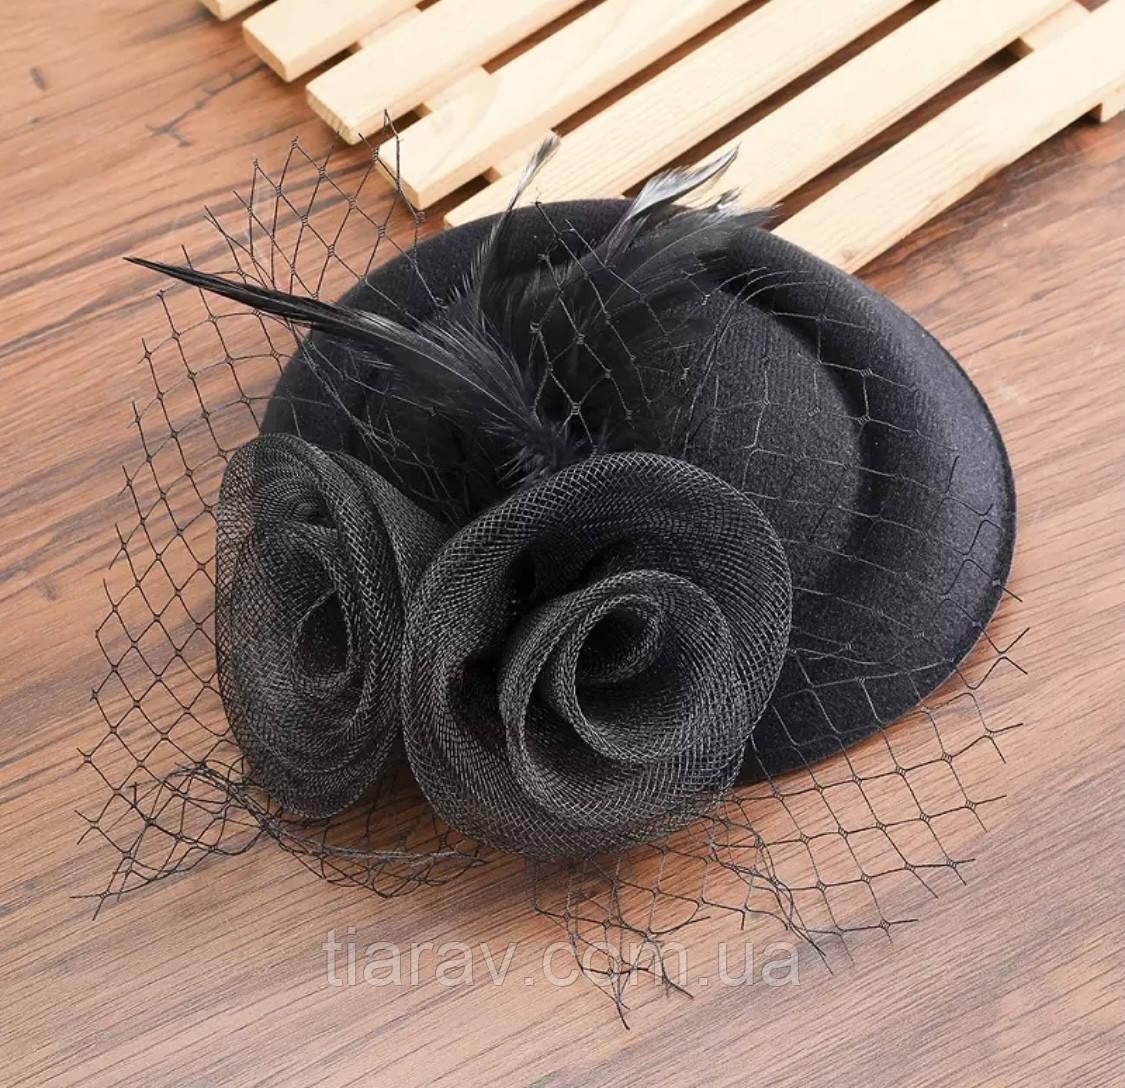 Шляпка чёрная с вуалью, шляпа вечерняя